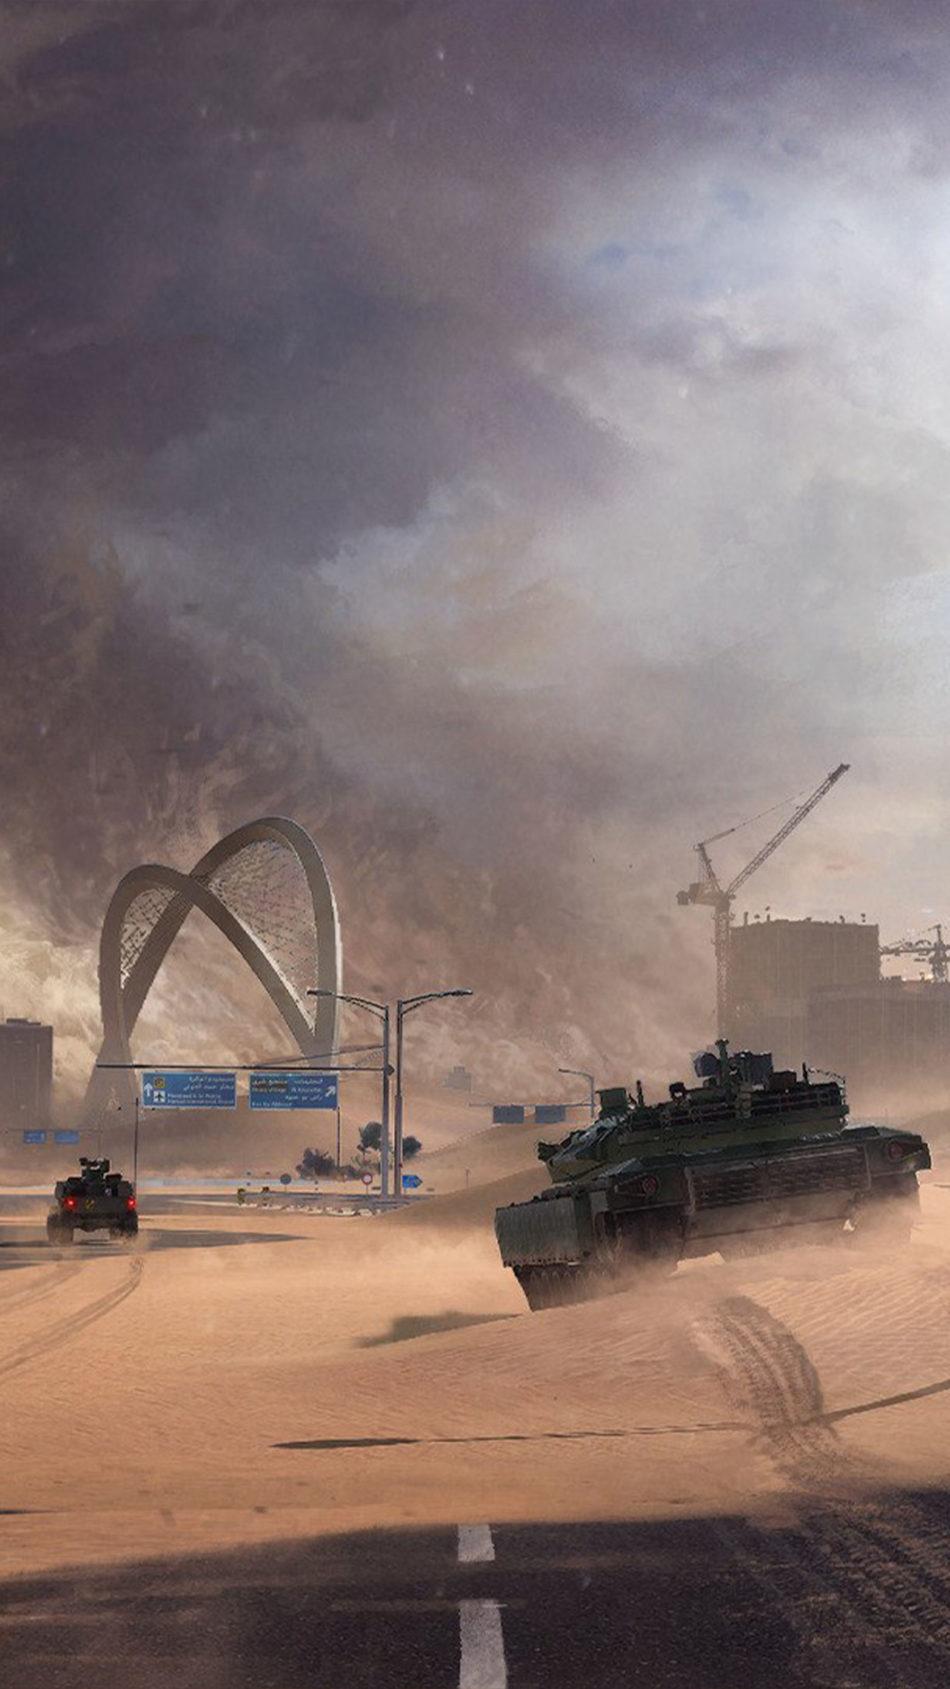 War Tanks Battlefield 2042 4K Ultra HD Mobile Wallpaper